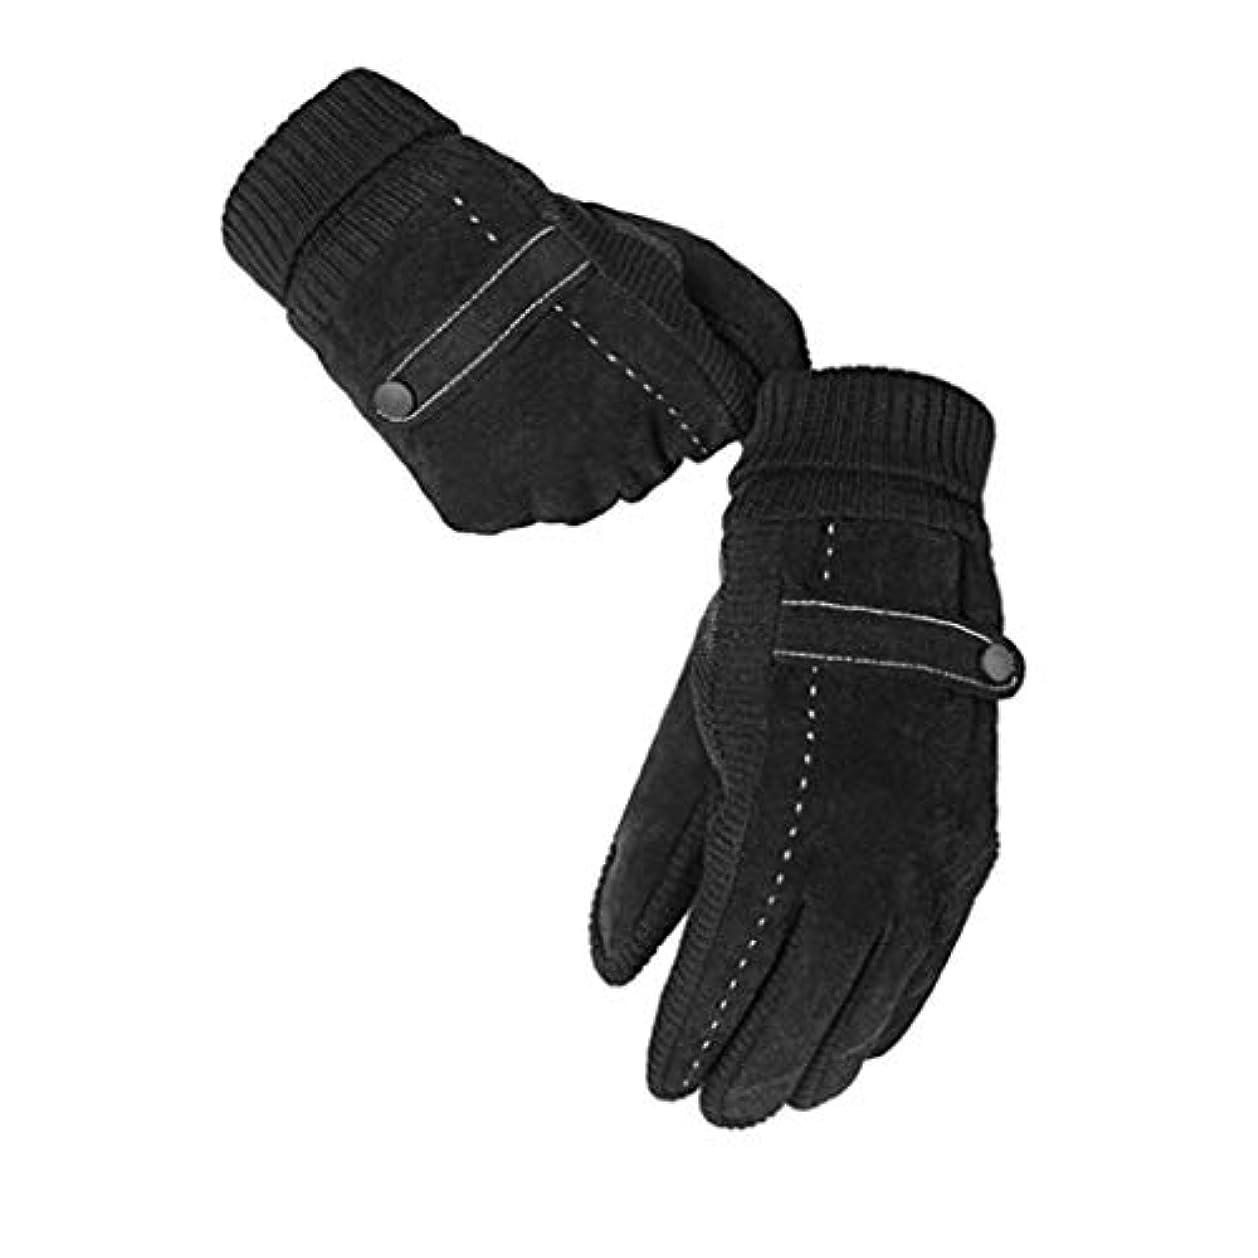 ジェスチャー兵器庫頑丈手袋の男性の暖かいとベルベットの冬のタッチスクリーン革手袋のオートバイのファッション冷たい手袋